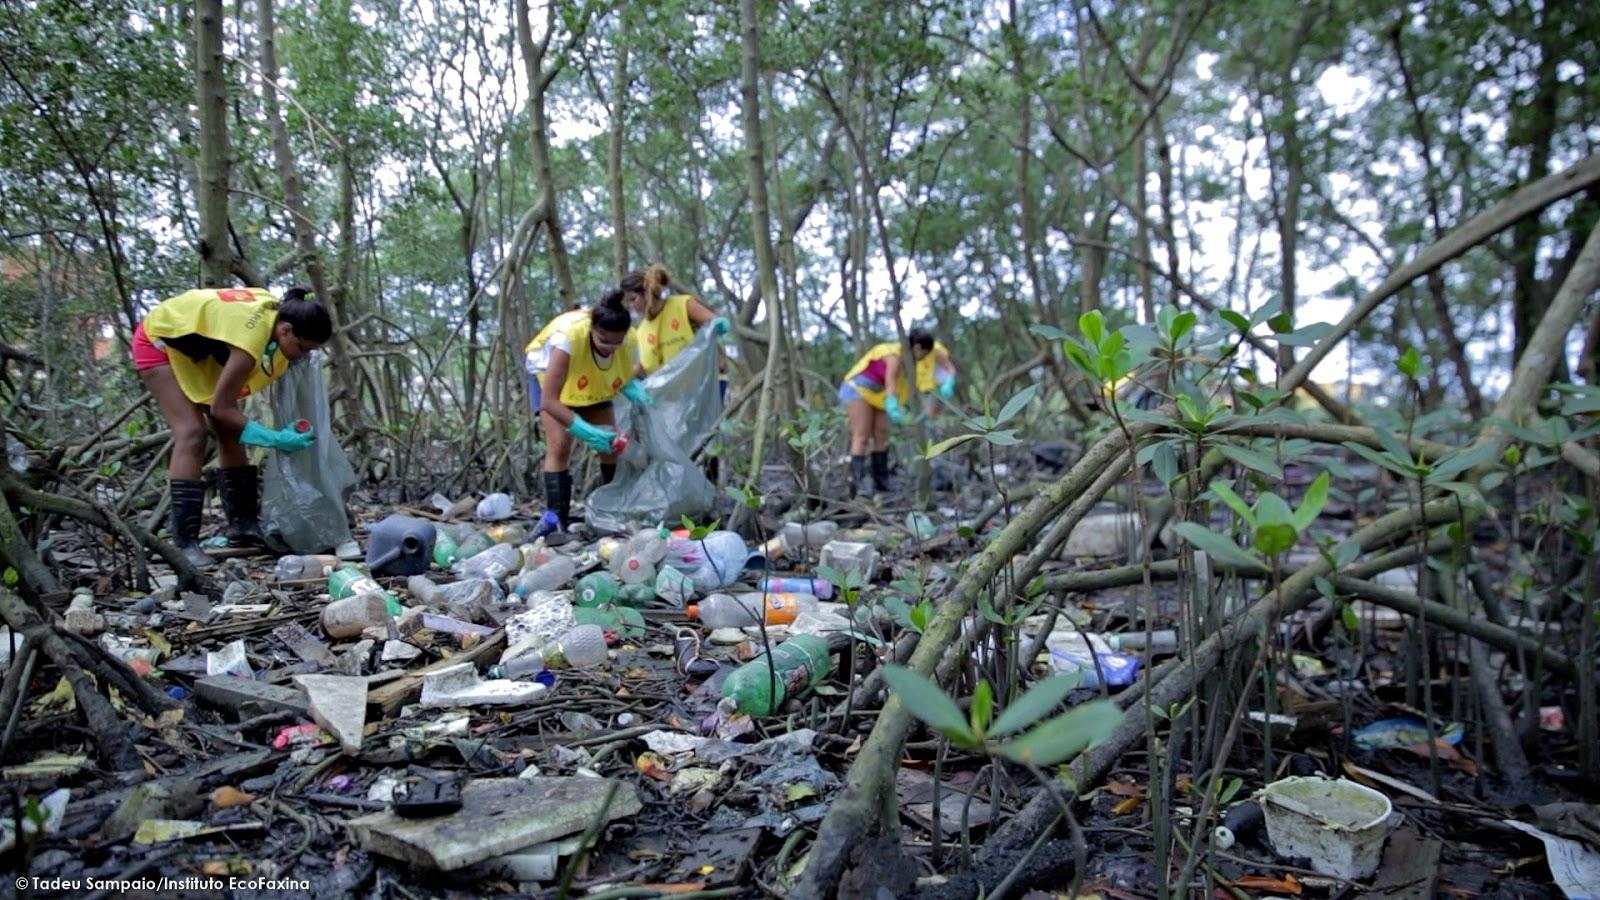 Sopa de plástico: mais de 300 espécies de animais marinhos confundem plástico com alimentos. Um recente estudo apontou que cerca de 90% das aves marinhas já ingeriram plástico.